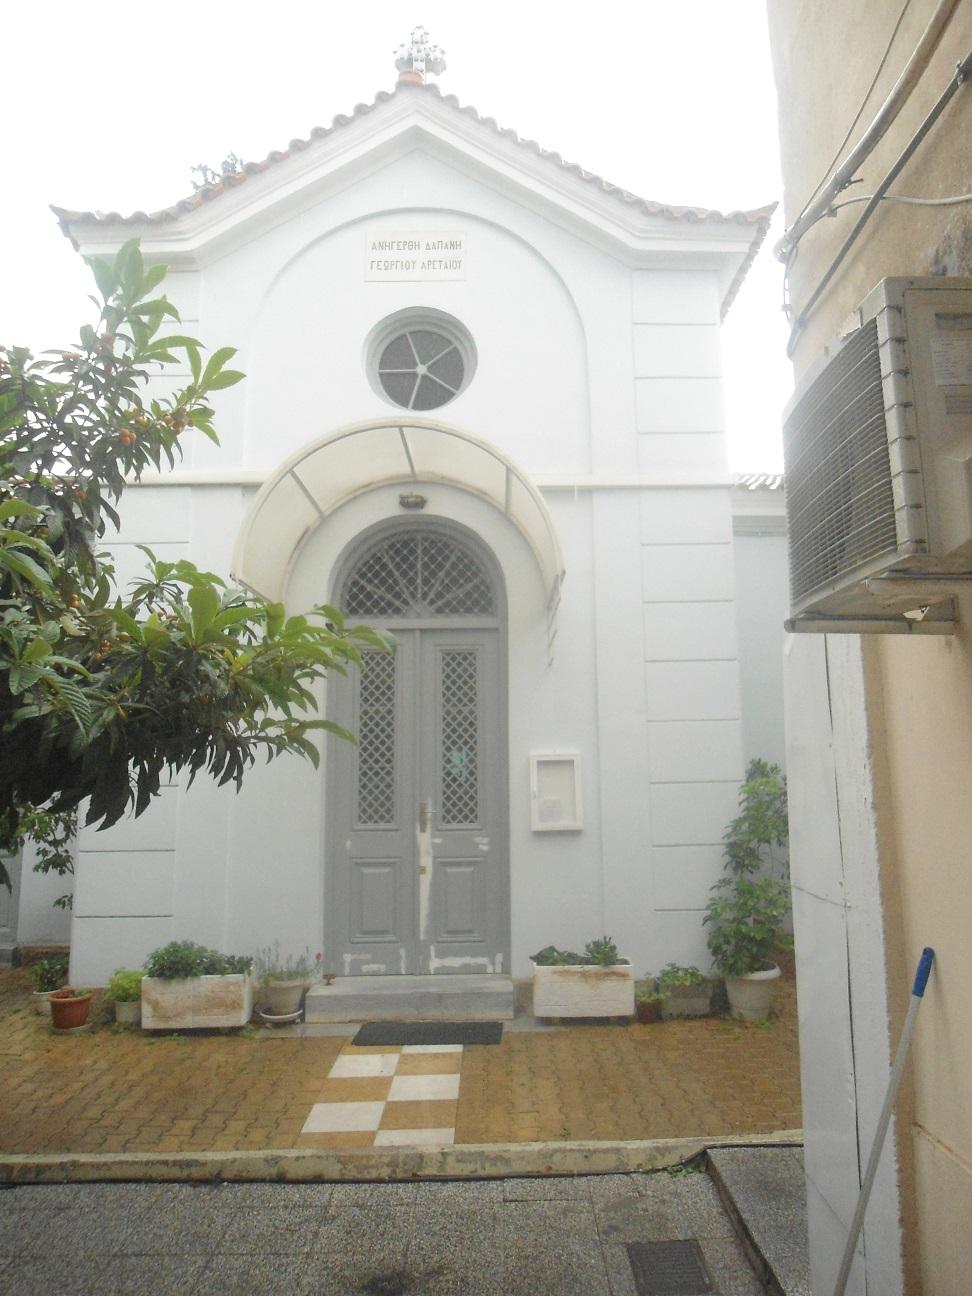 8. Η εκκλησία του Αγίου Γεωργίου που κτίστηκε από τον Γεώργιο Αρεταίου.